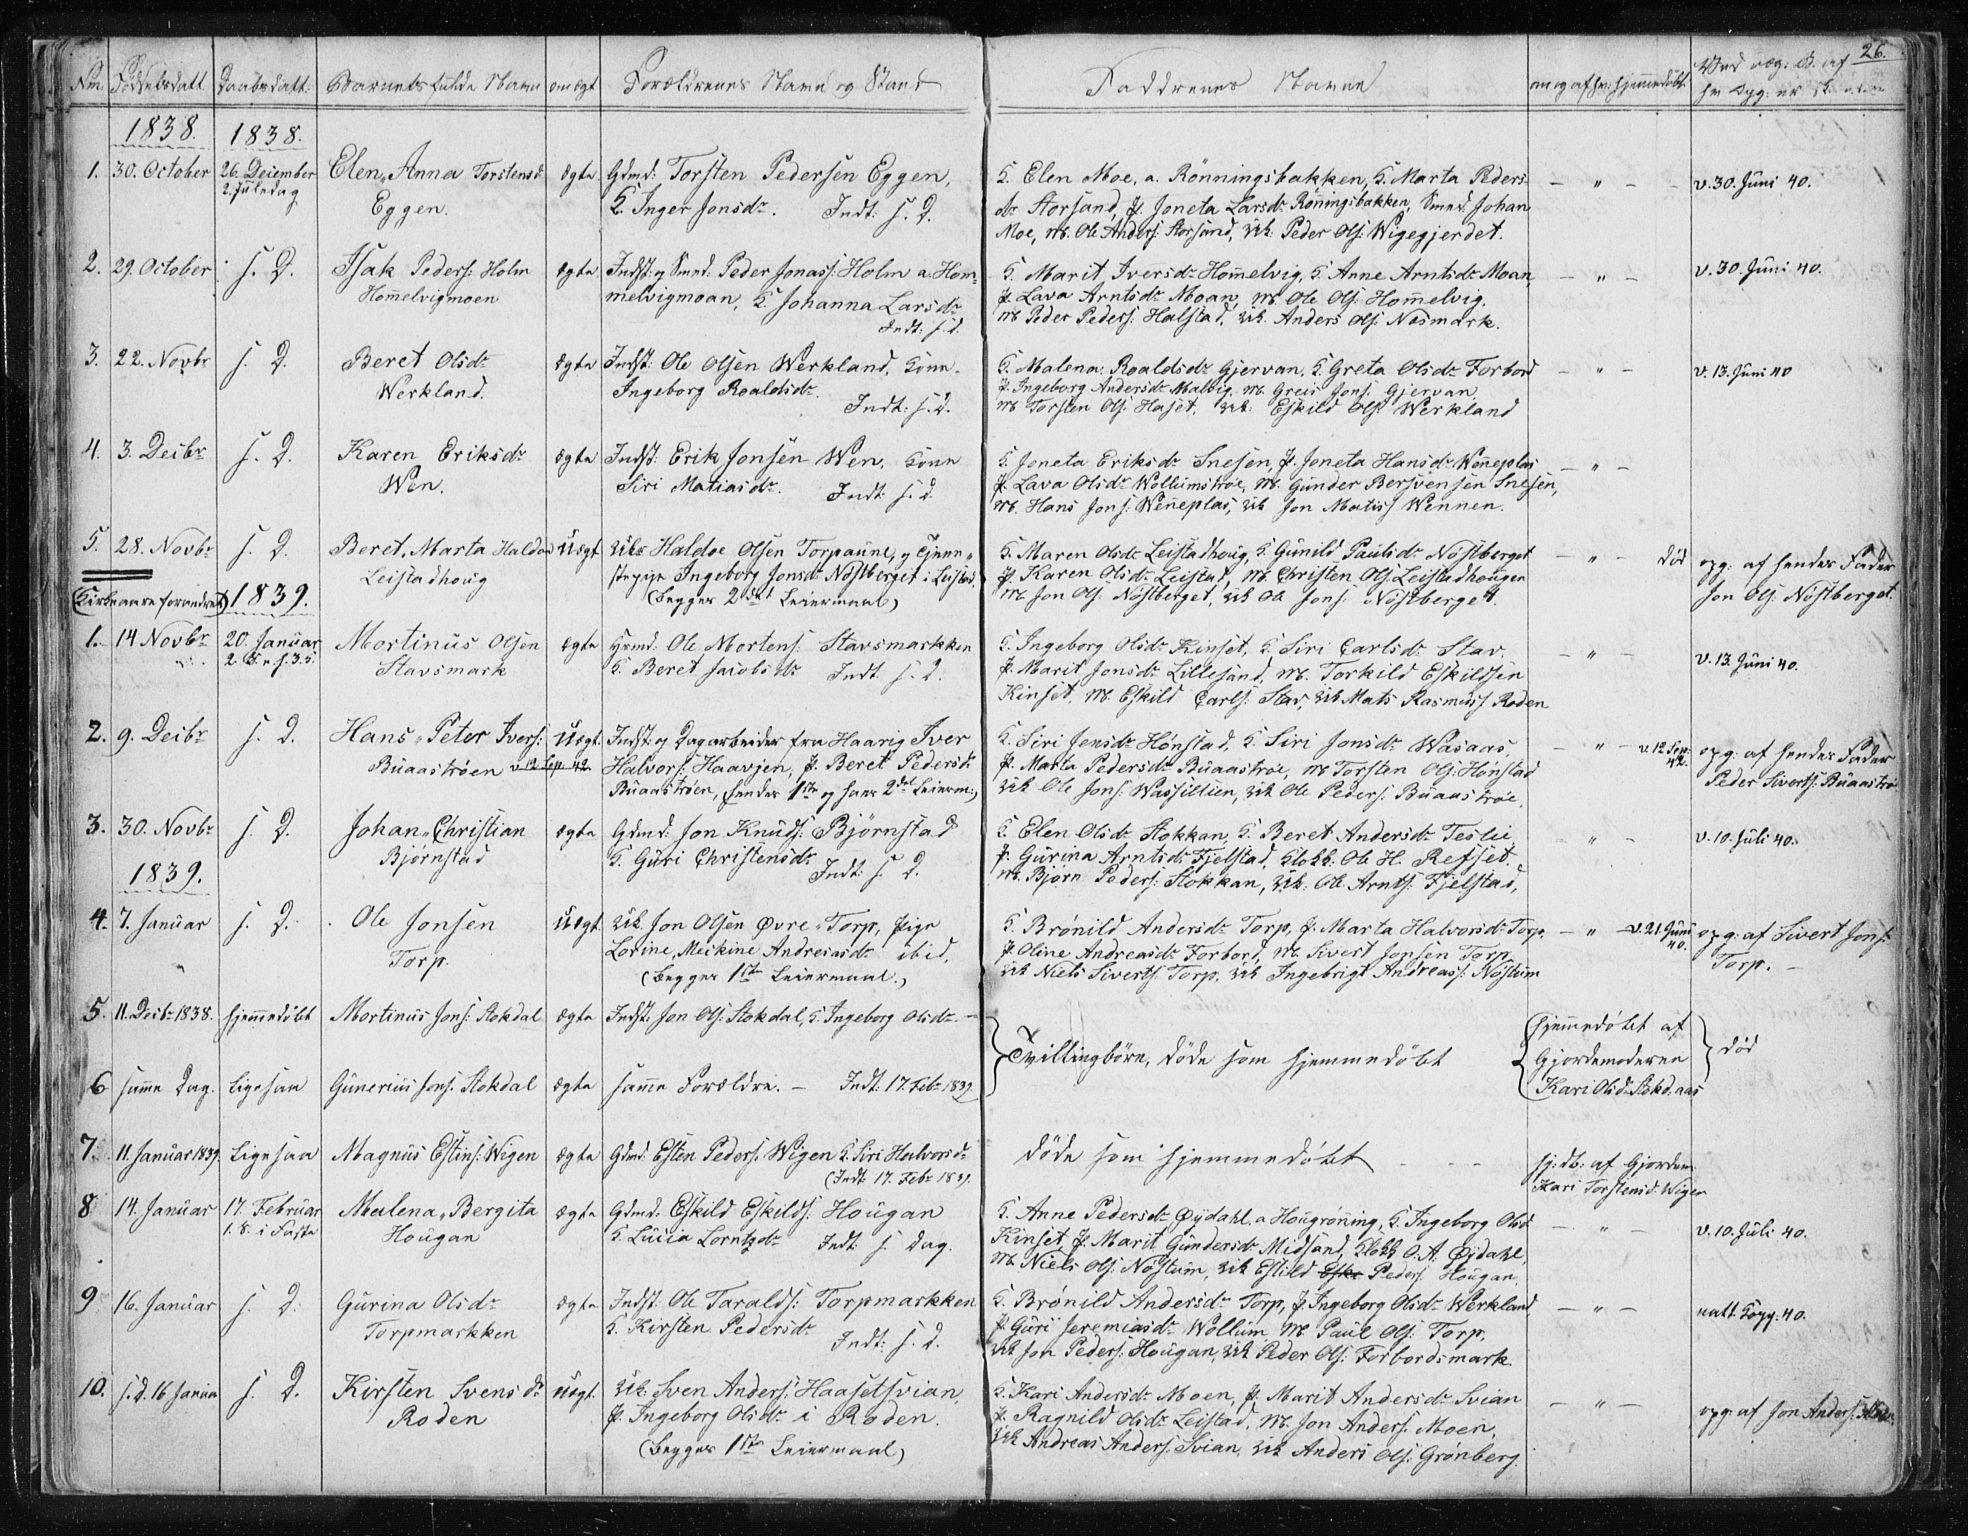 SAT, Ministerialprotokoller, klokkerbøker og fødselsregistre - Sør-Trøndelag, 616/L0405: Ministerialbok nr. 616A02, 1831-1842, s. 26